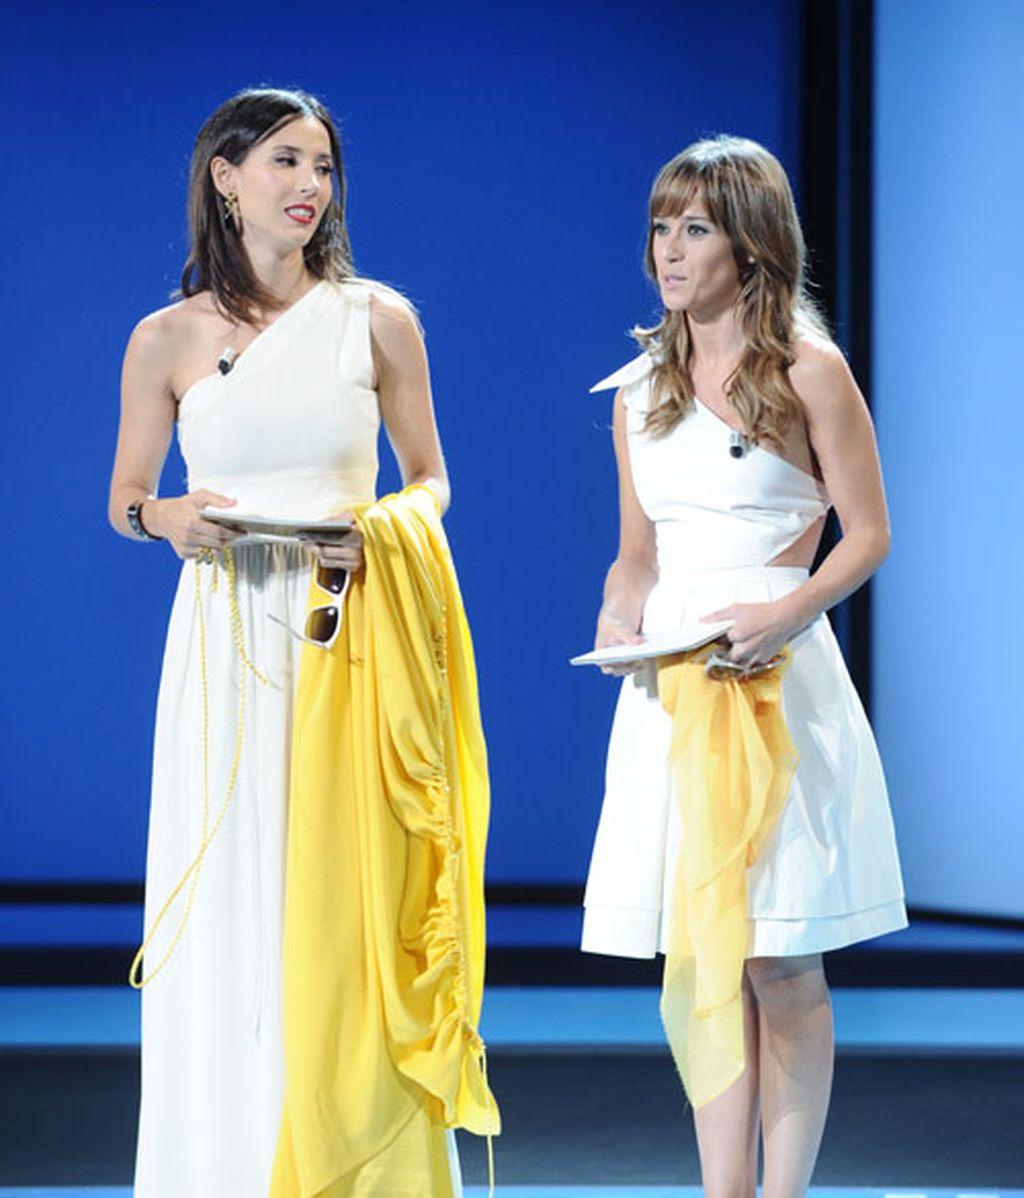 ¿Quién dijo que llevar a una fiesta el mismo vestido podía ser un desastre?